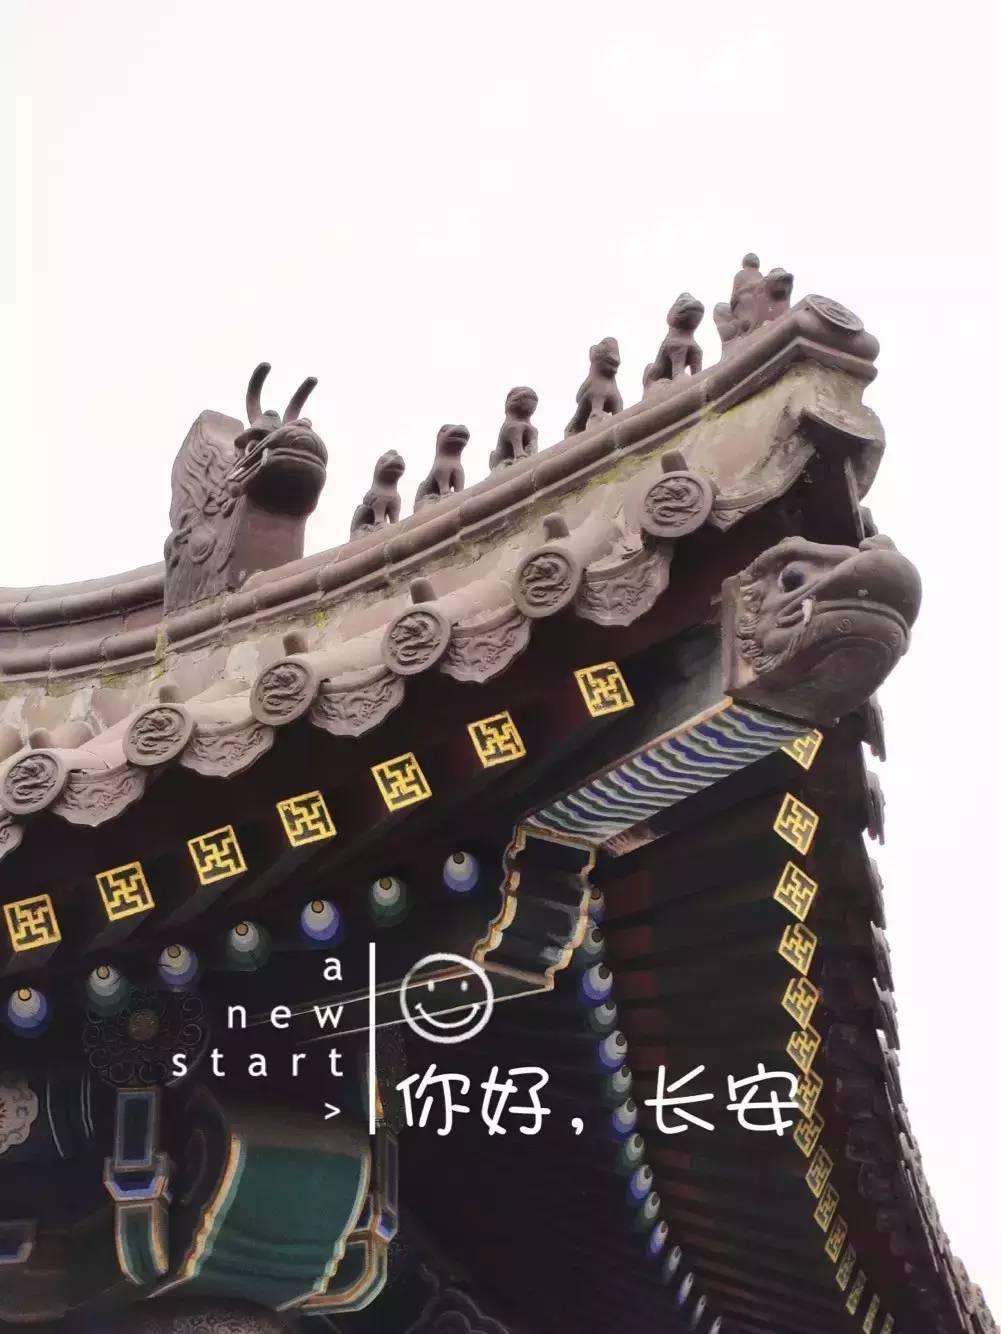 2017西安旅游攻略,香港自由行蚂蜂,攻略窝西安攻略v攻略西安数码图片